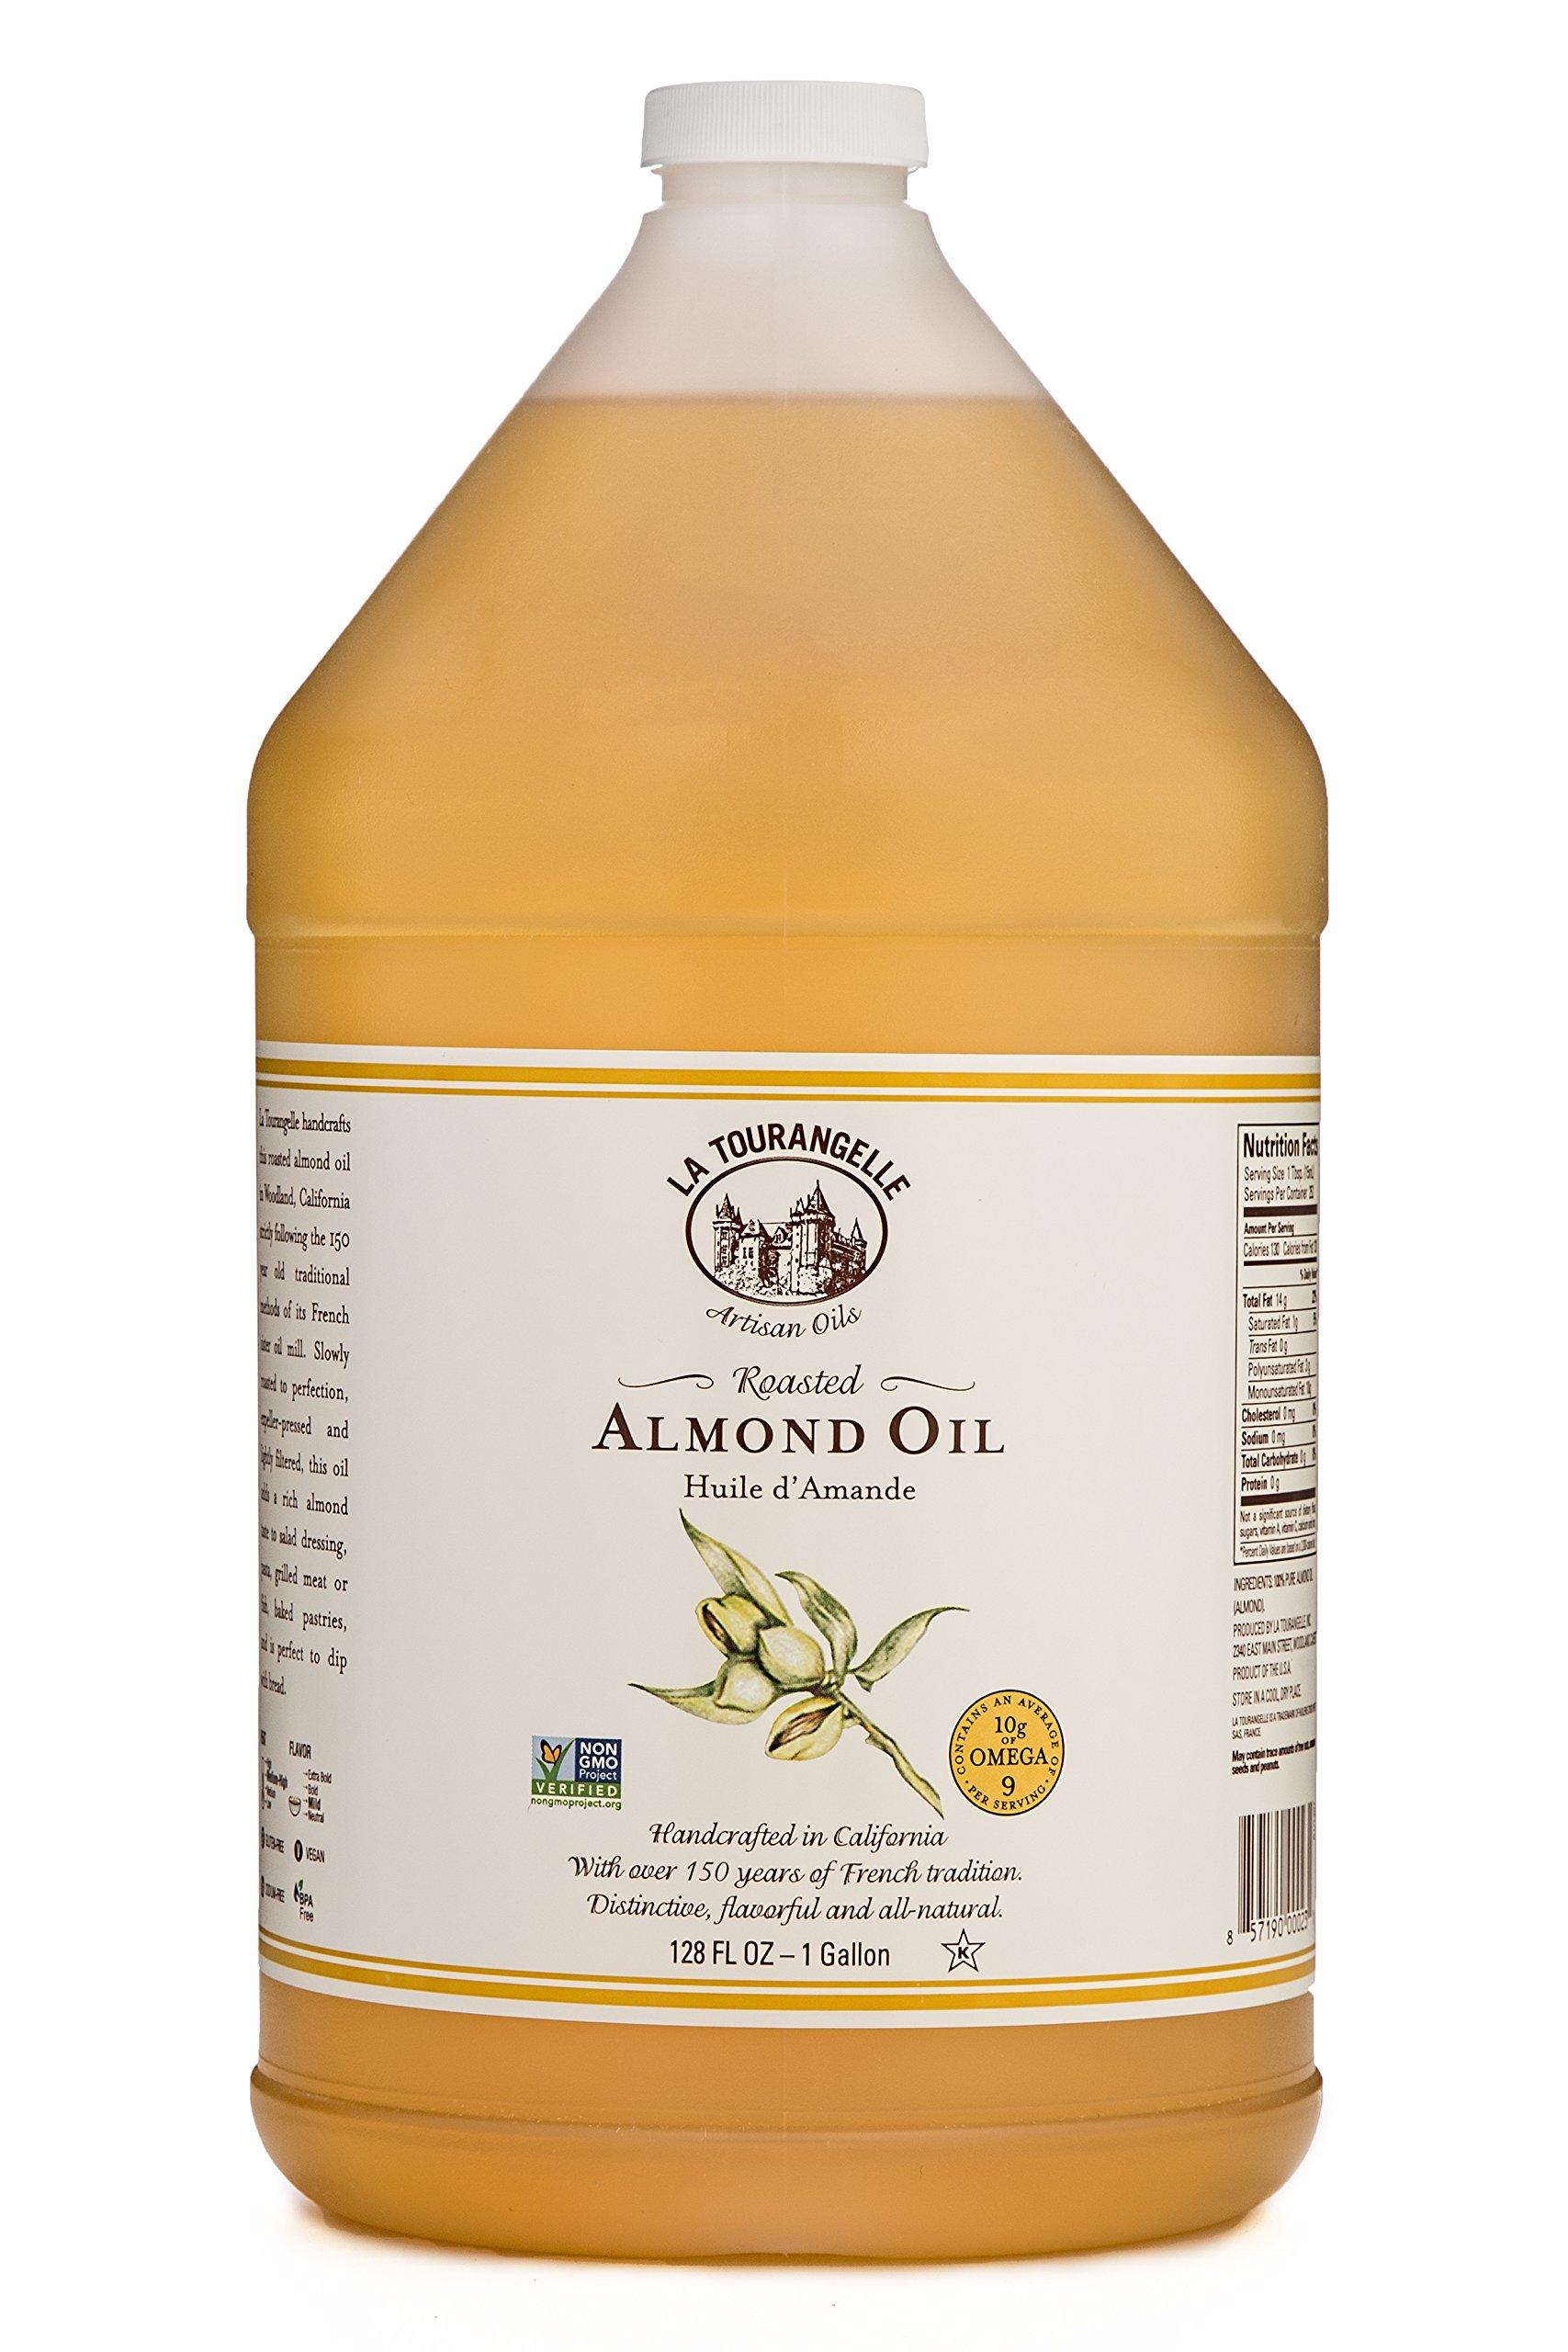 La Tourangelle, Roasted Almond Oil, 128 Fluid Ounce by La Tourangelle